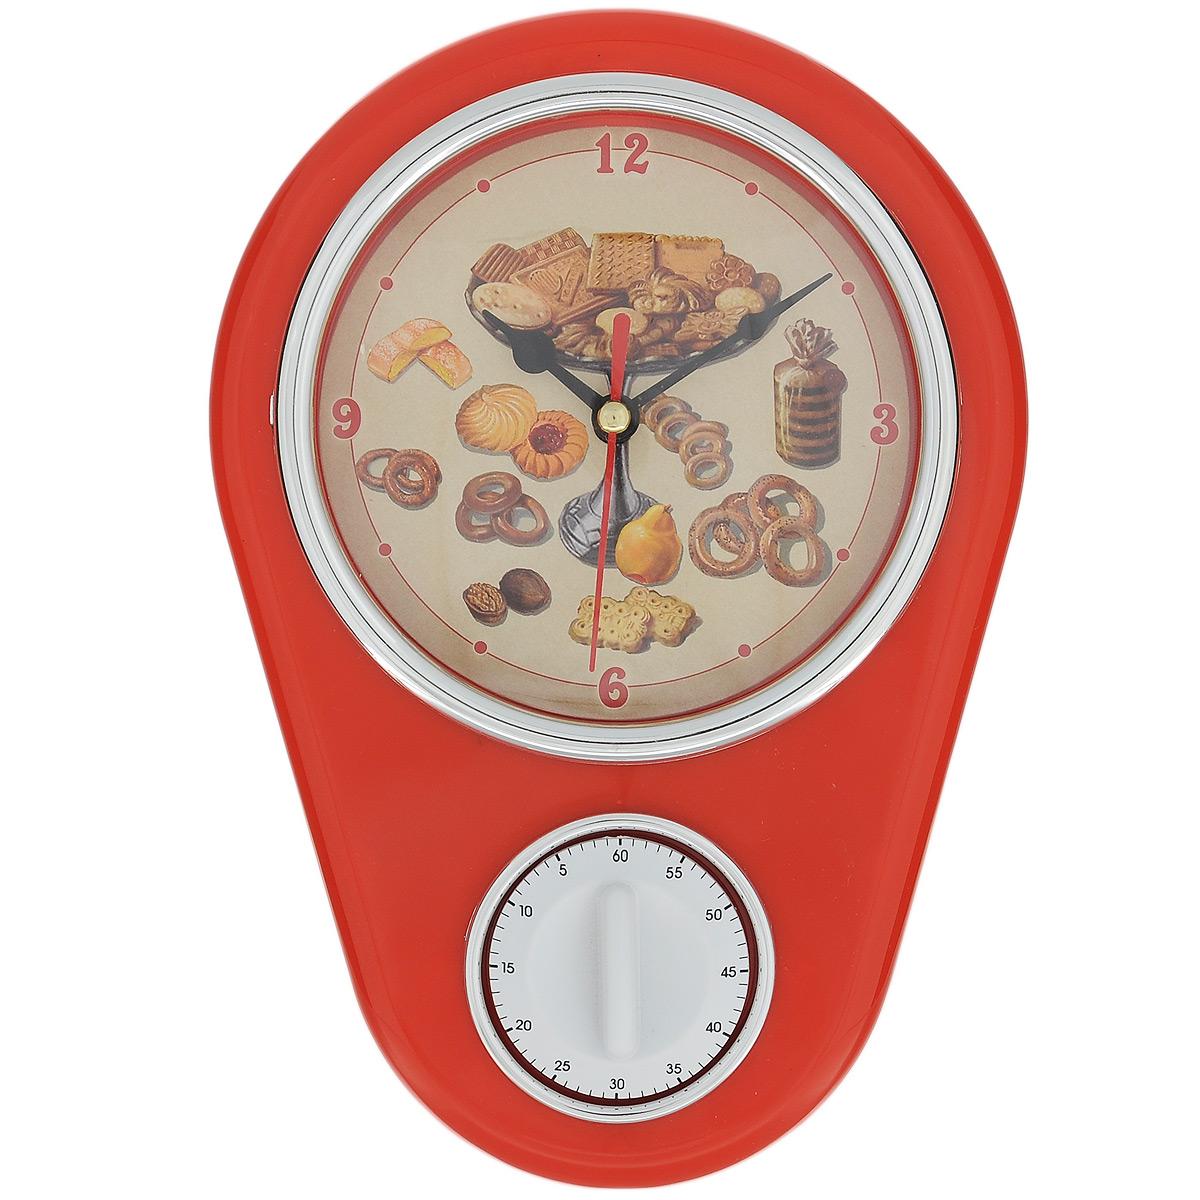 Часы кухонные Печенье с таймером, настенные, цвет: красный37385Кухонные настенные часы Печенье в ретро стиле прекрасно дополнят интерьер кухни. Корпус выполнен из высококачественного пластика. Все механизмы скрыты в корпусе. Циферблат круглой формы, оформленный крупными арабскими цифрами и изображением печенья, защищен стеклом. Имеется встроенный таймер на 60 минут, его удобно использовать во время приготовления блюд. Часы подвешиваются на стену. Часы работают от одной пальчиковой батарейки тип АА (не входит в комплект).Диаметр циферблата: 11,3 см. Размер часов: 16 см х 5 см х 22,5 см.